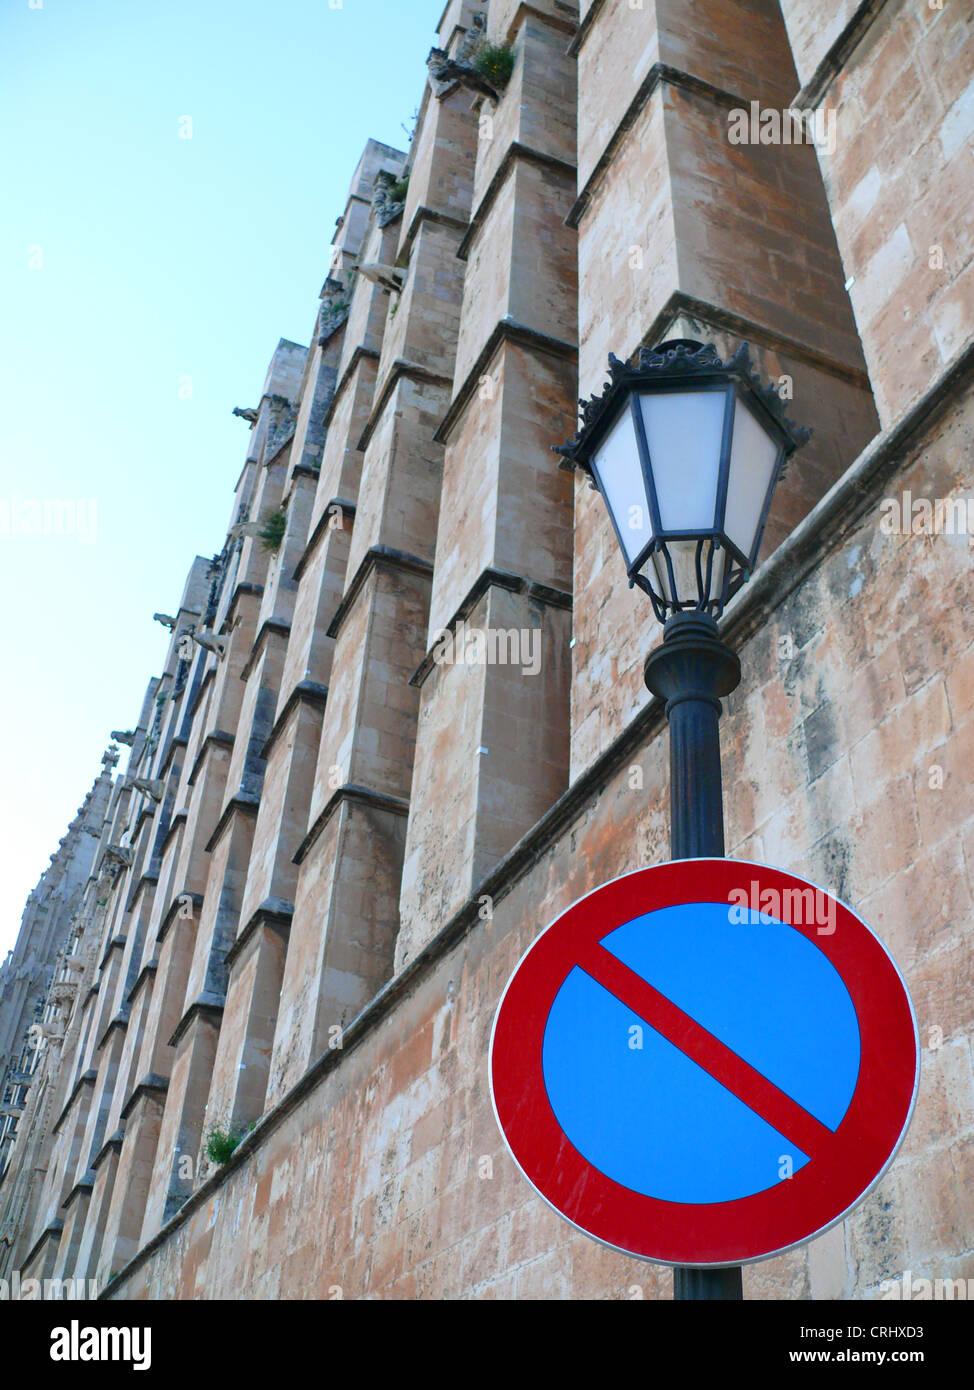 L'arrêt minimal à une lampe de rue dans la cathédrale La Seu, Espagne, Baléares, Majorque, Photo Stock